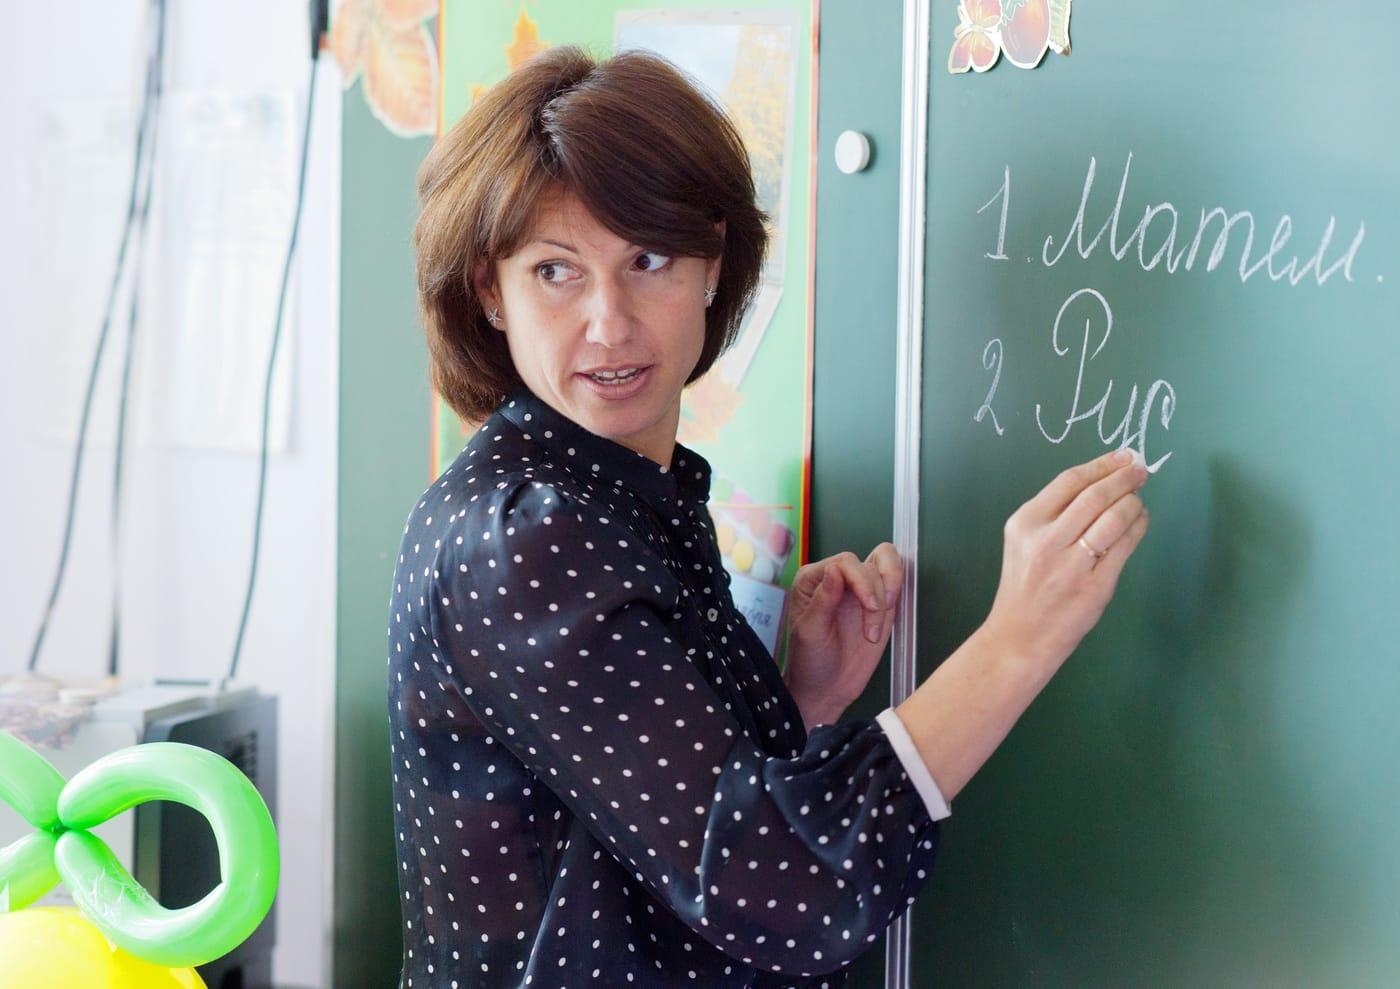 Нищими назвали учителей в России, согласно данным проведённого опроса